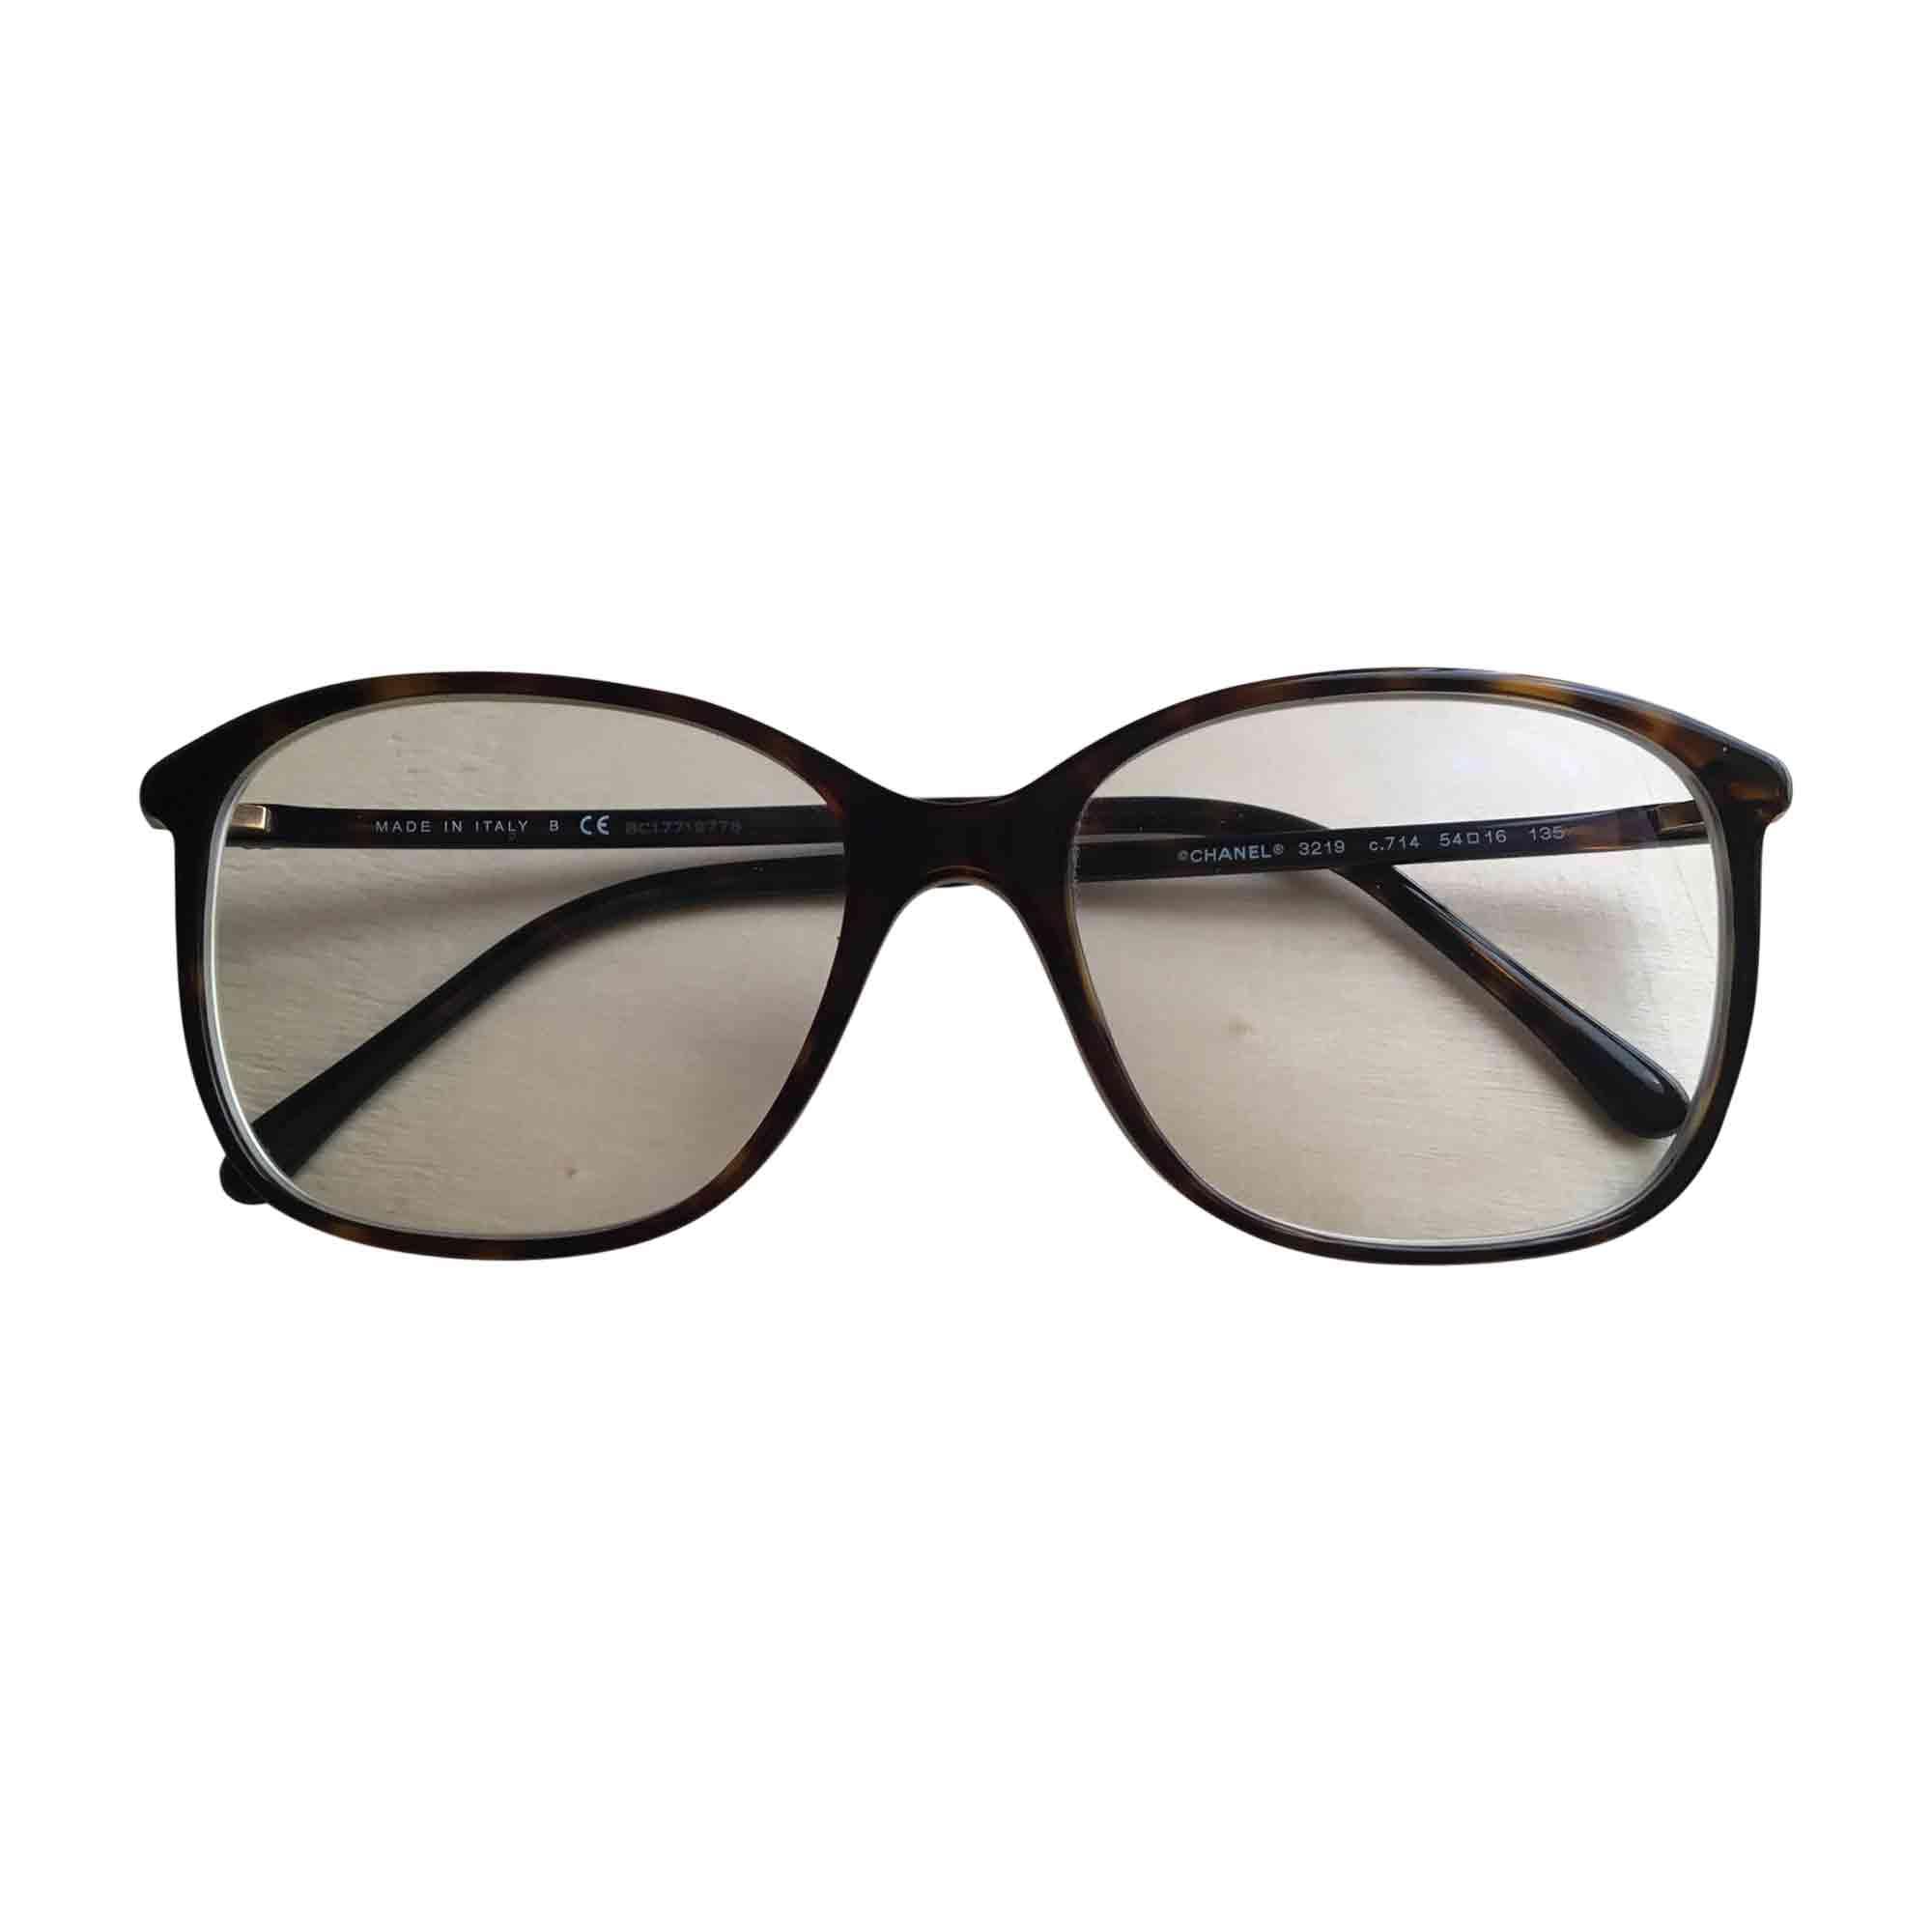 Eyeglass Frames CHANEL brown vendu par D\'arina246491 - 7698476